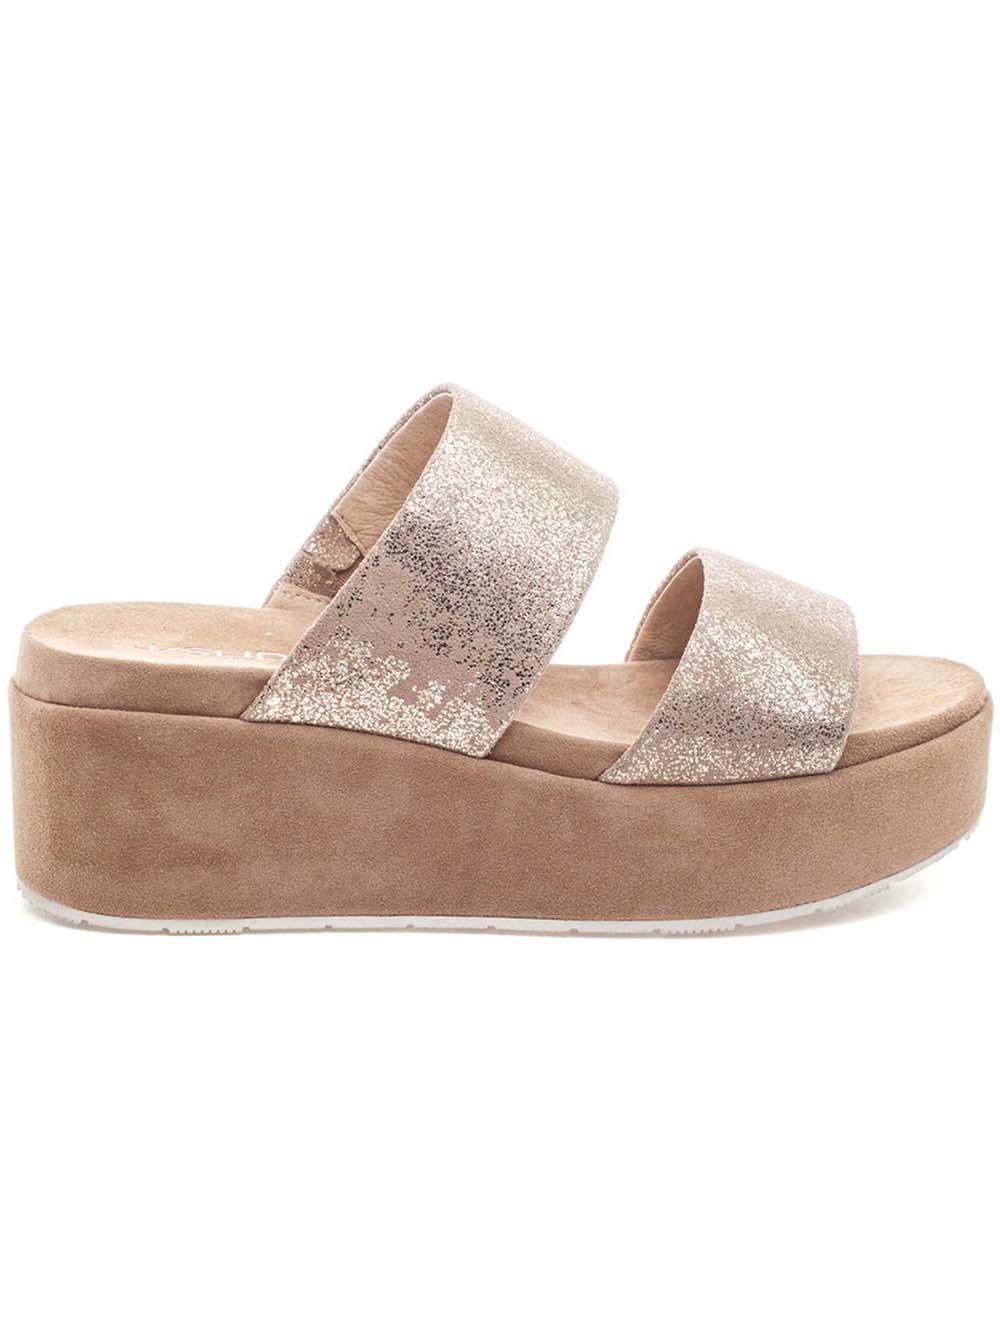 Quincy Suede Platform Sandal Item # QUINCY-S20